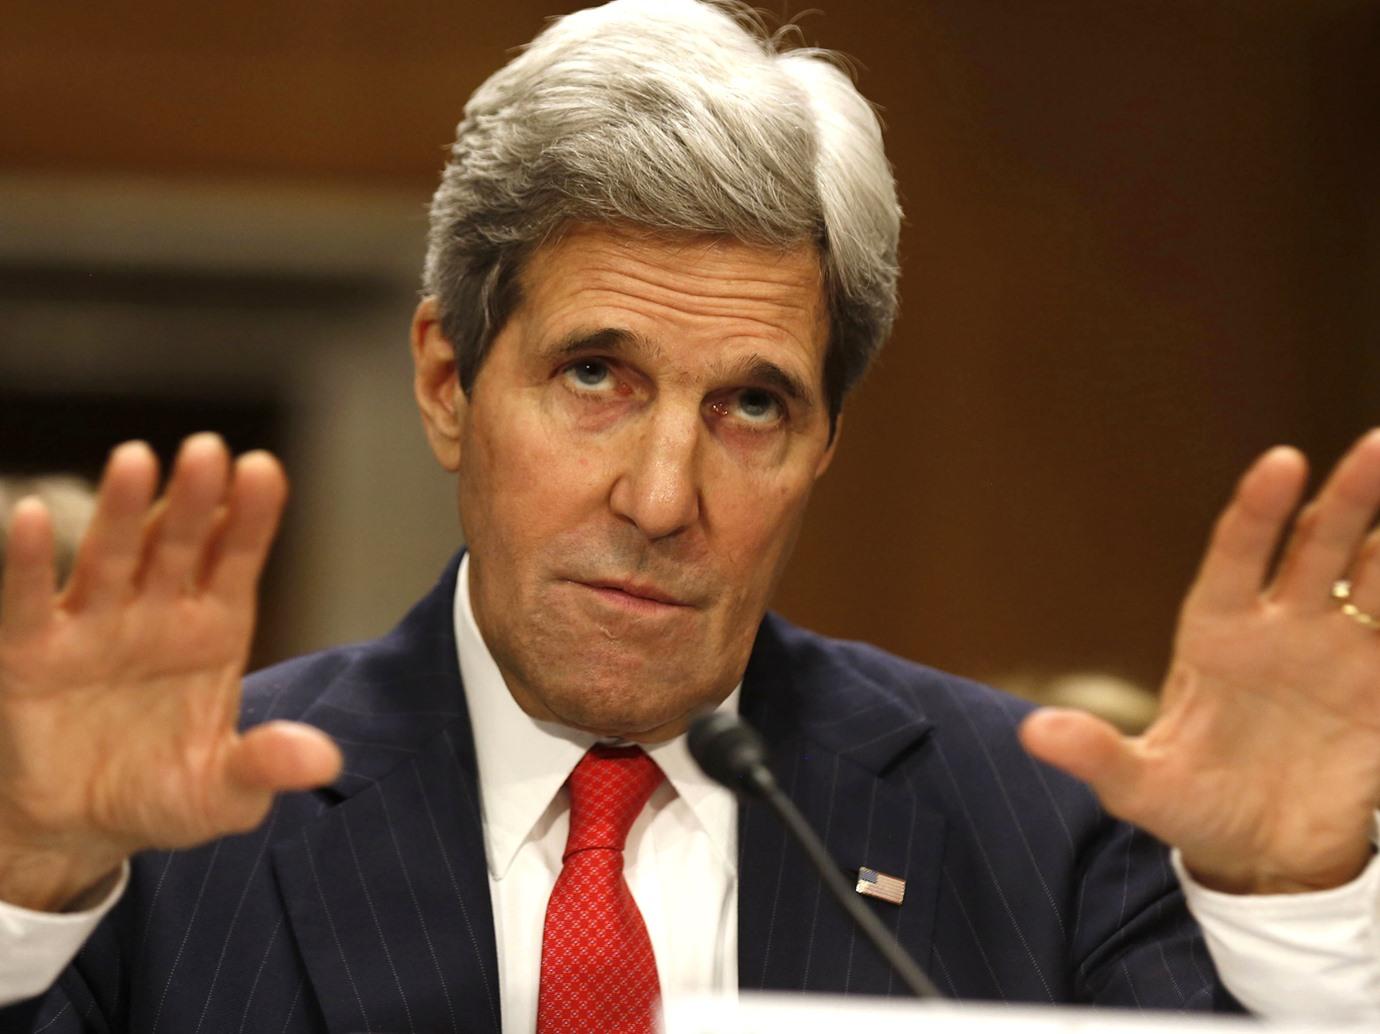 جون كيري يتهم هادي بأنه السبب وراء فشل مباحثات السلام اليمنية بالكويت !